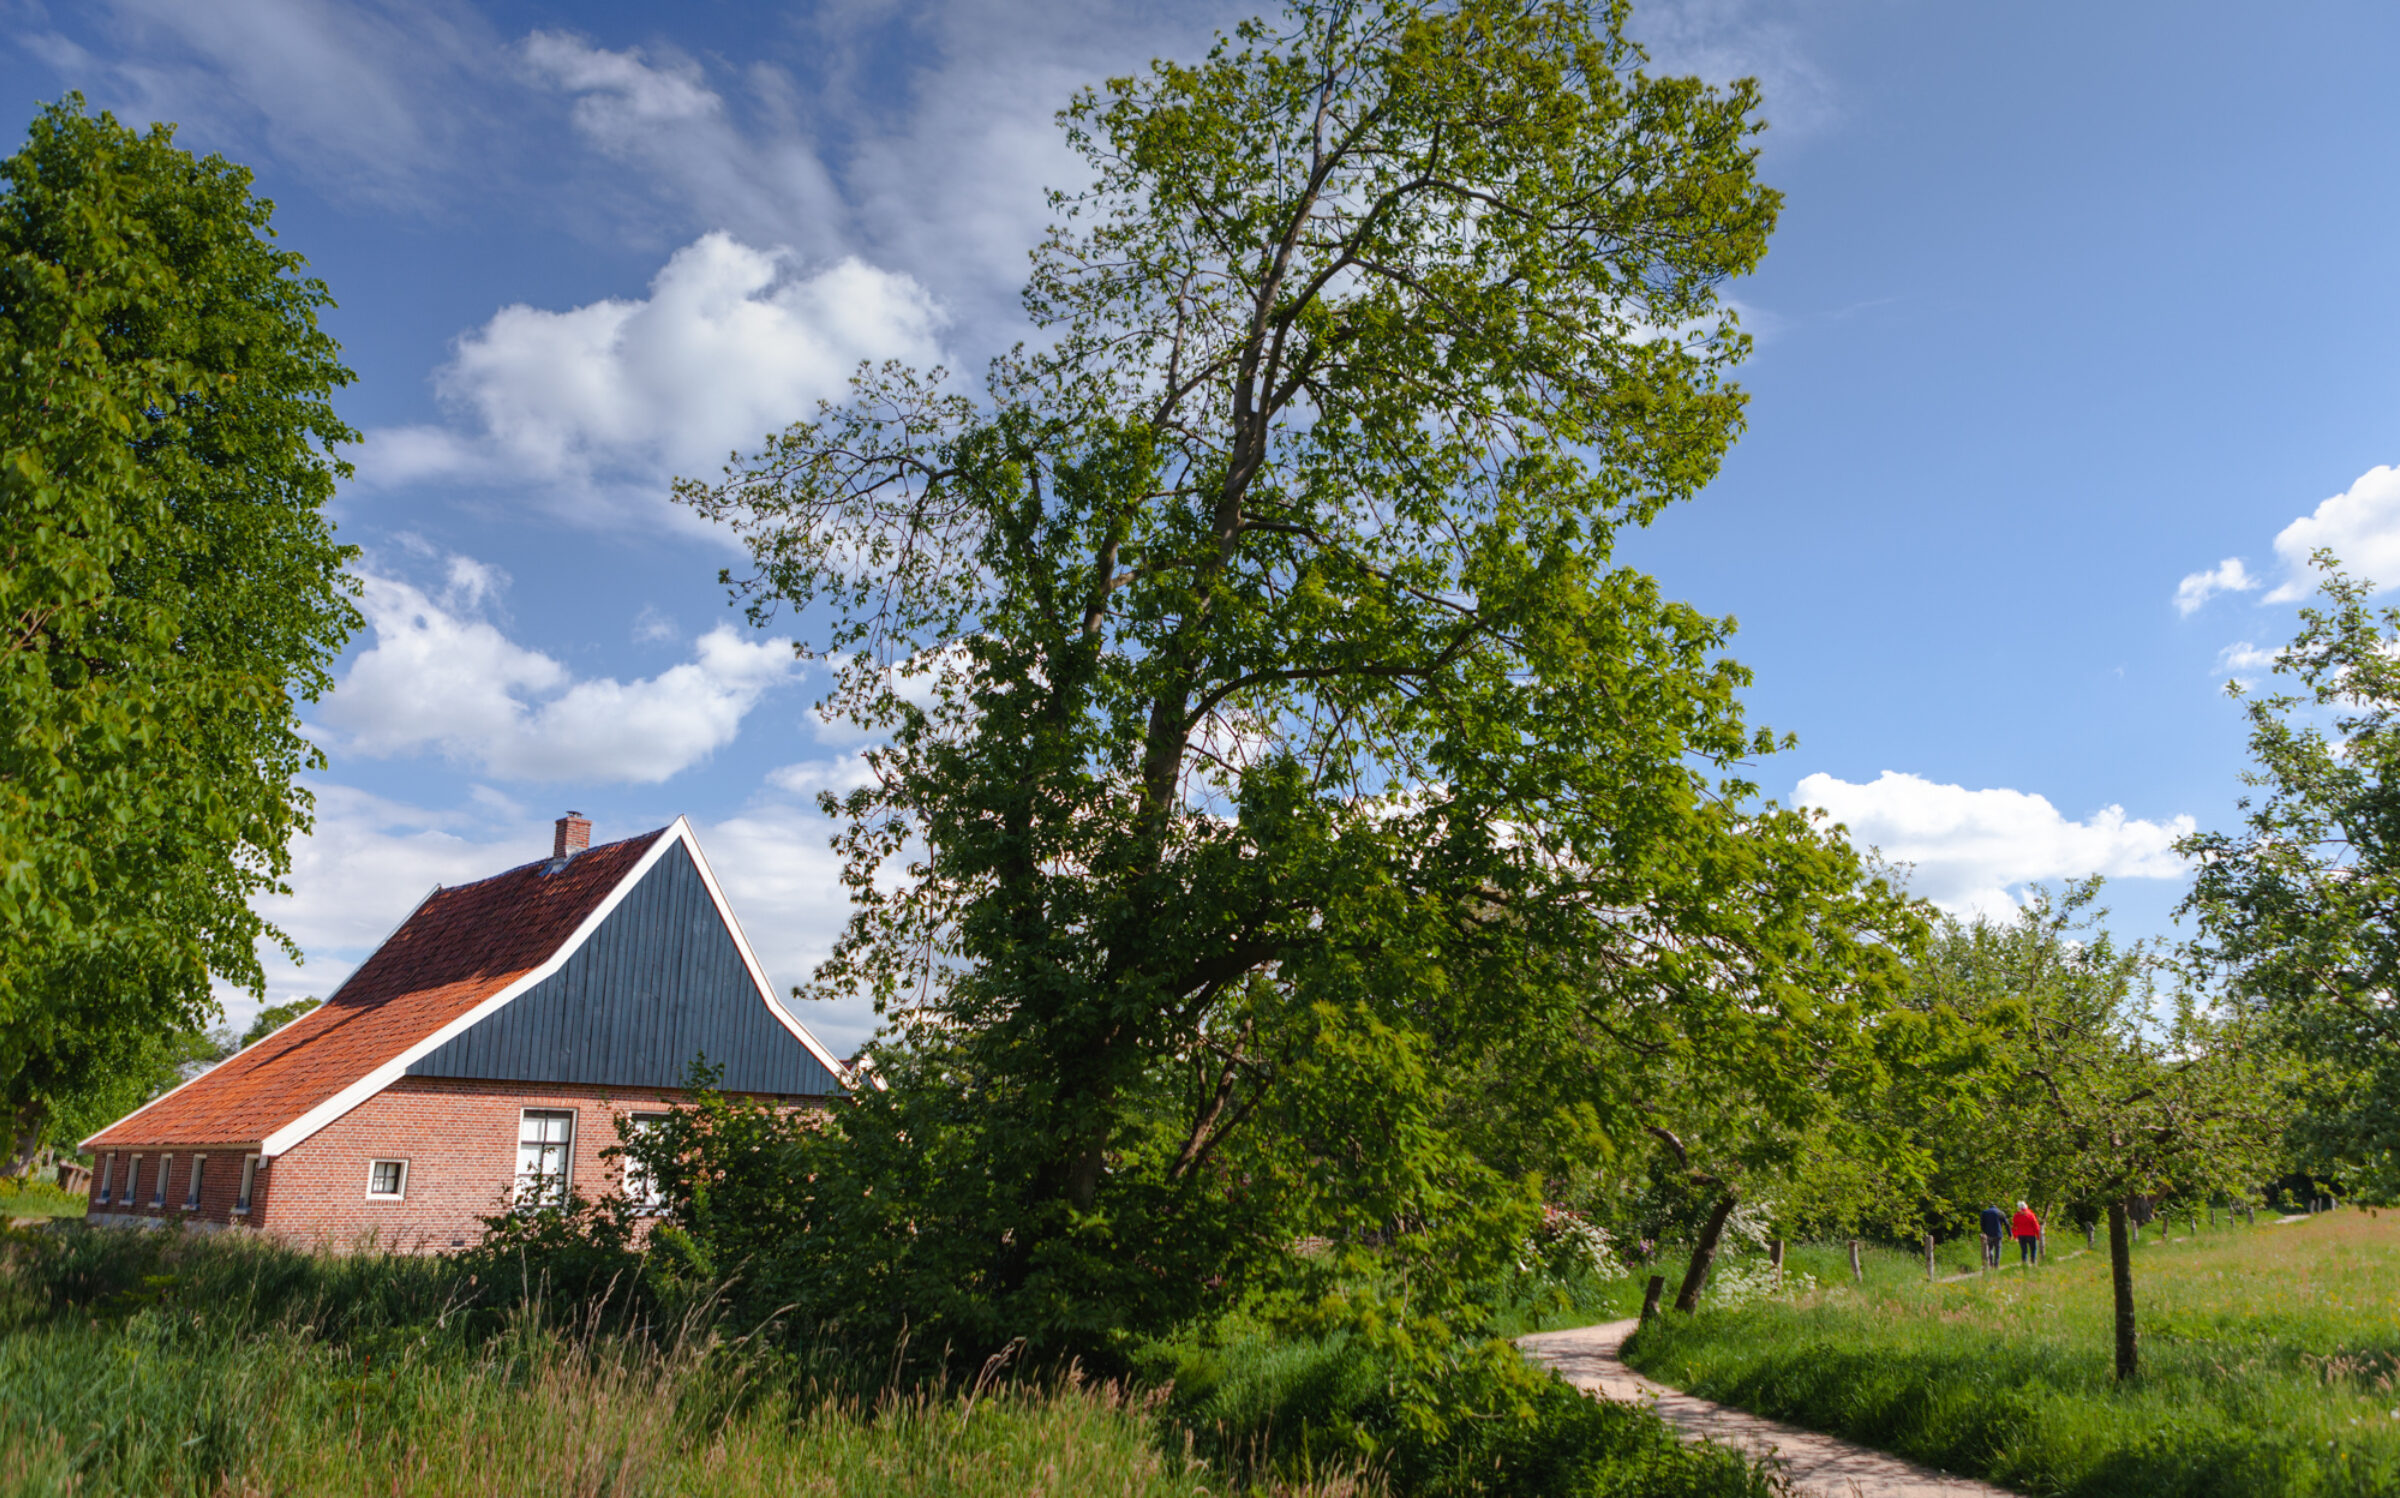 Enschede Ledeboer Park